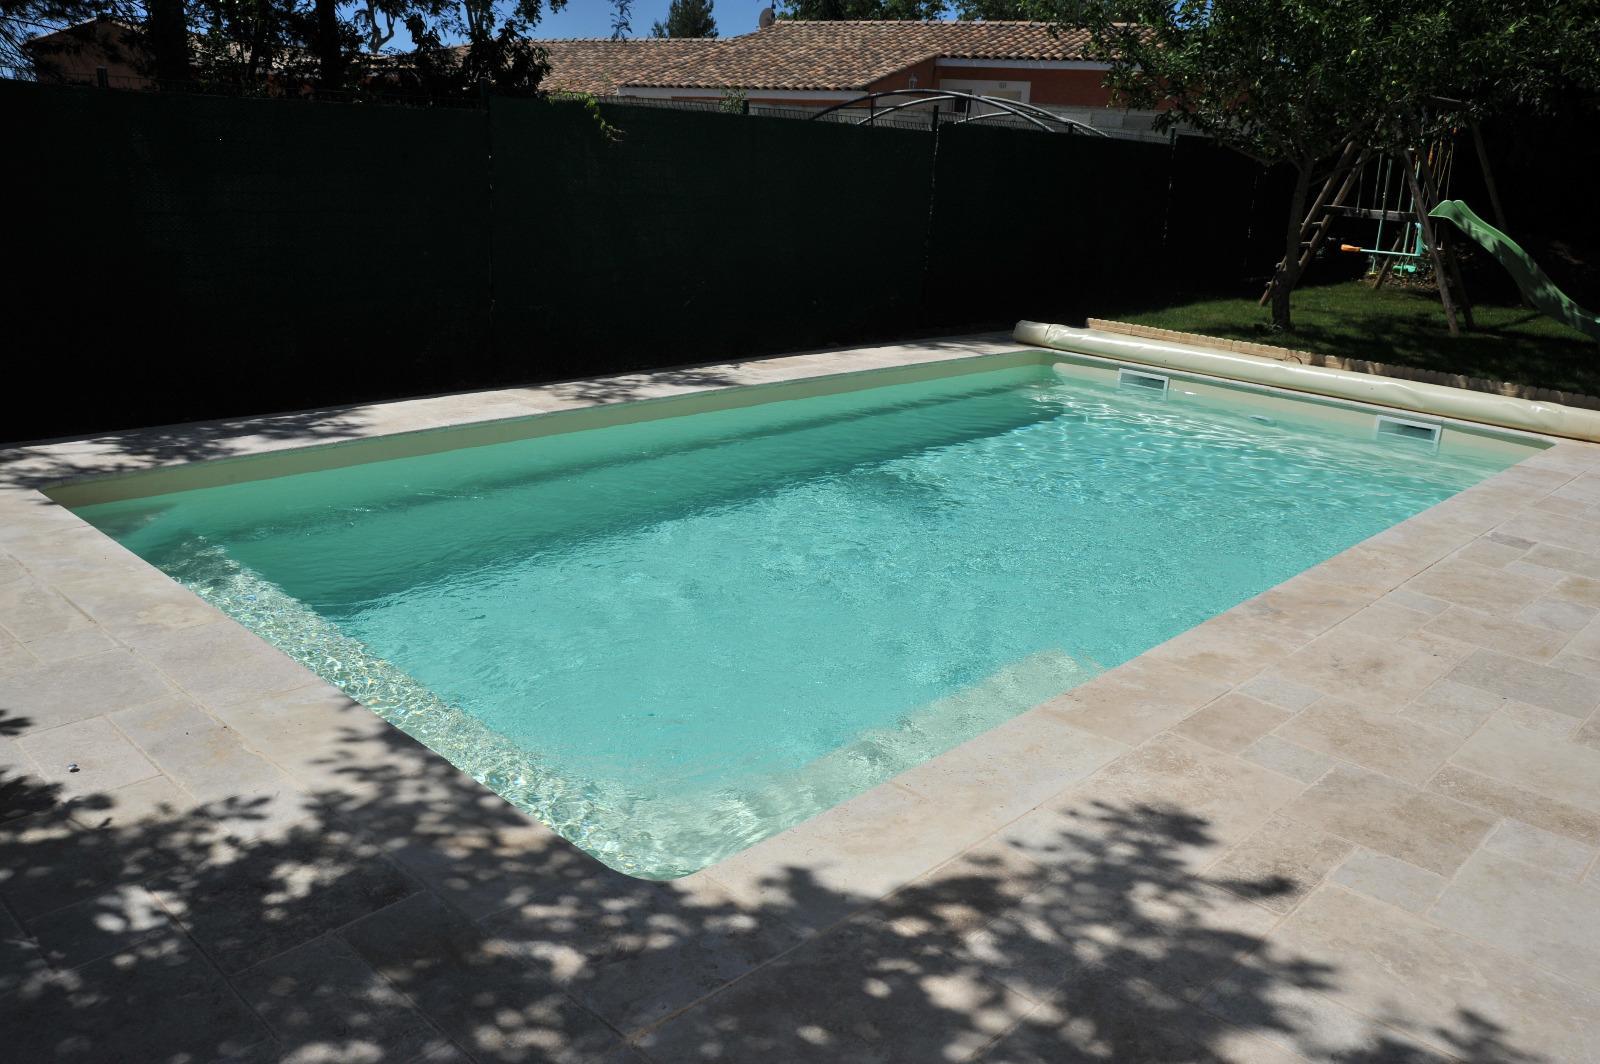 Constructeur De Piscine Montpellier accueil - reflets d'Ô piscines montpellier